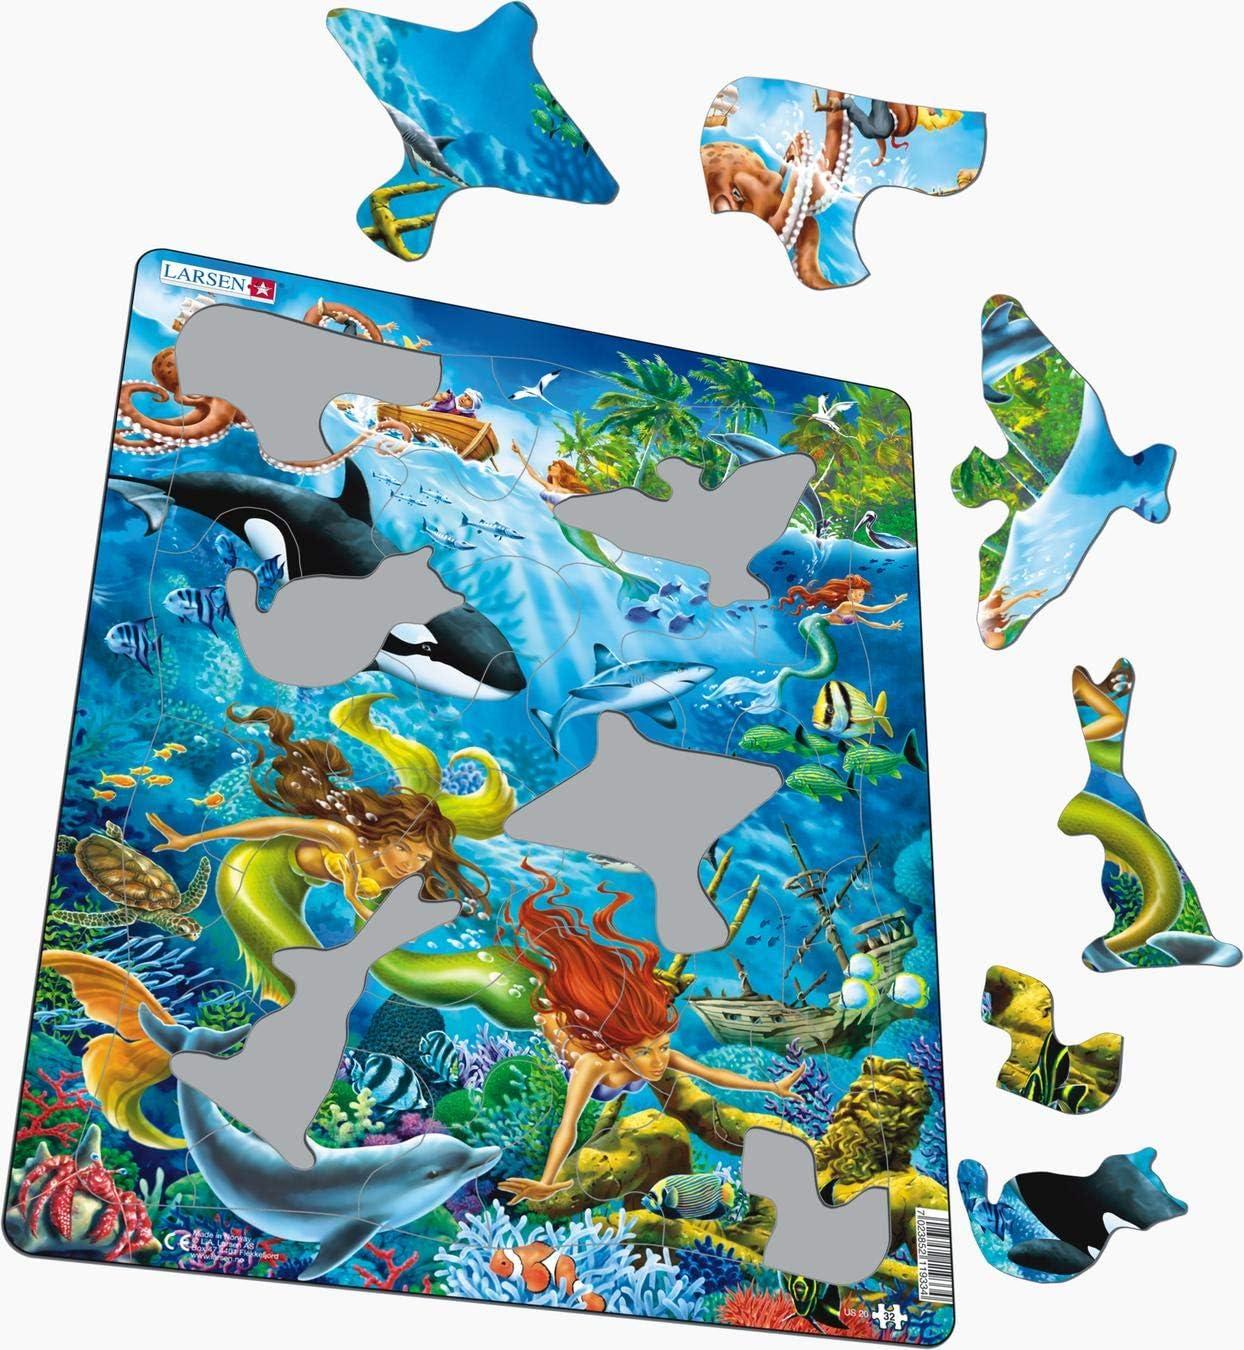 Puzzle Cadre avec de 32 pi/èces Larsen US20 Sir/ènes d/écouvrant Une Statue du Roi Neptune